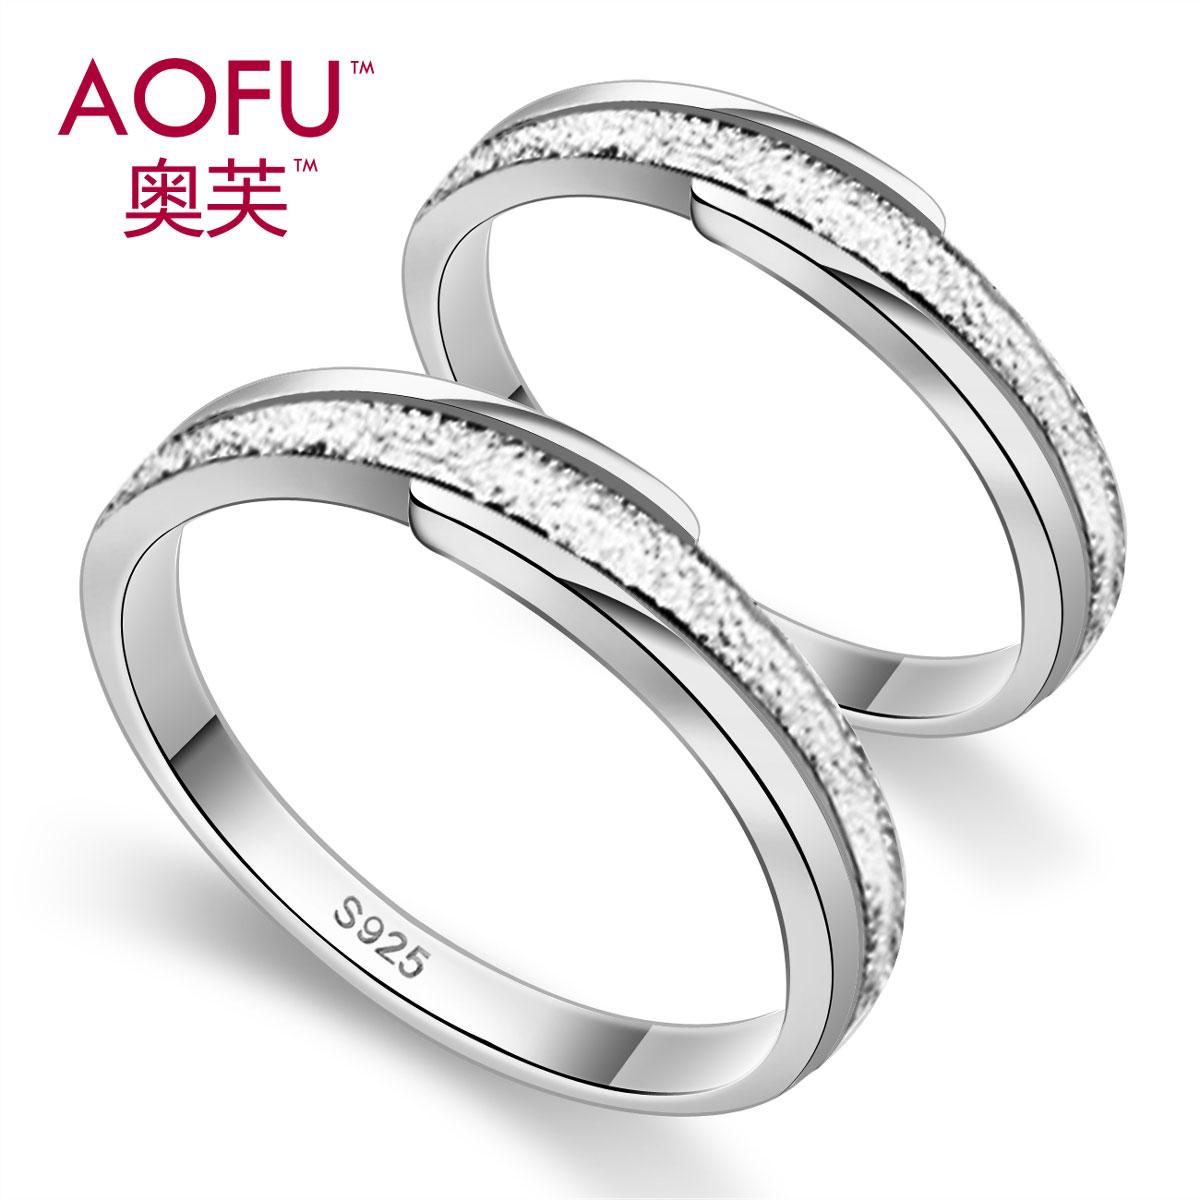 奥芙 925纯银戒指女 情侣戒指 对戒子 尾戒 银饰品 男士指环 刻字